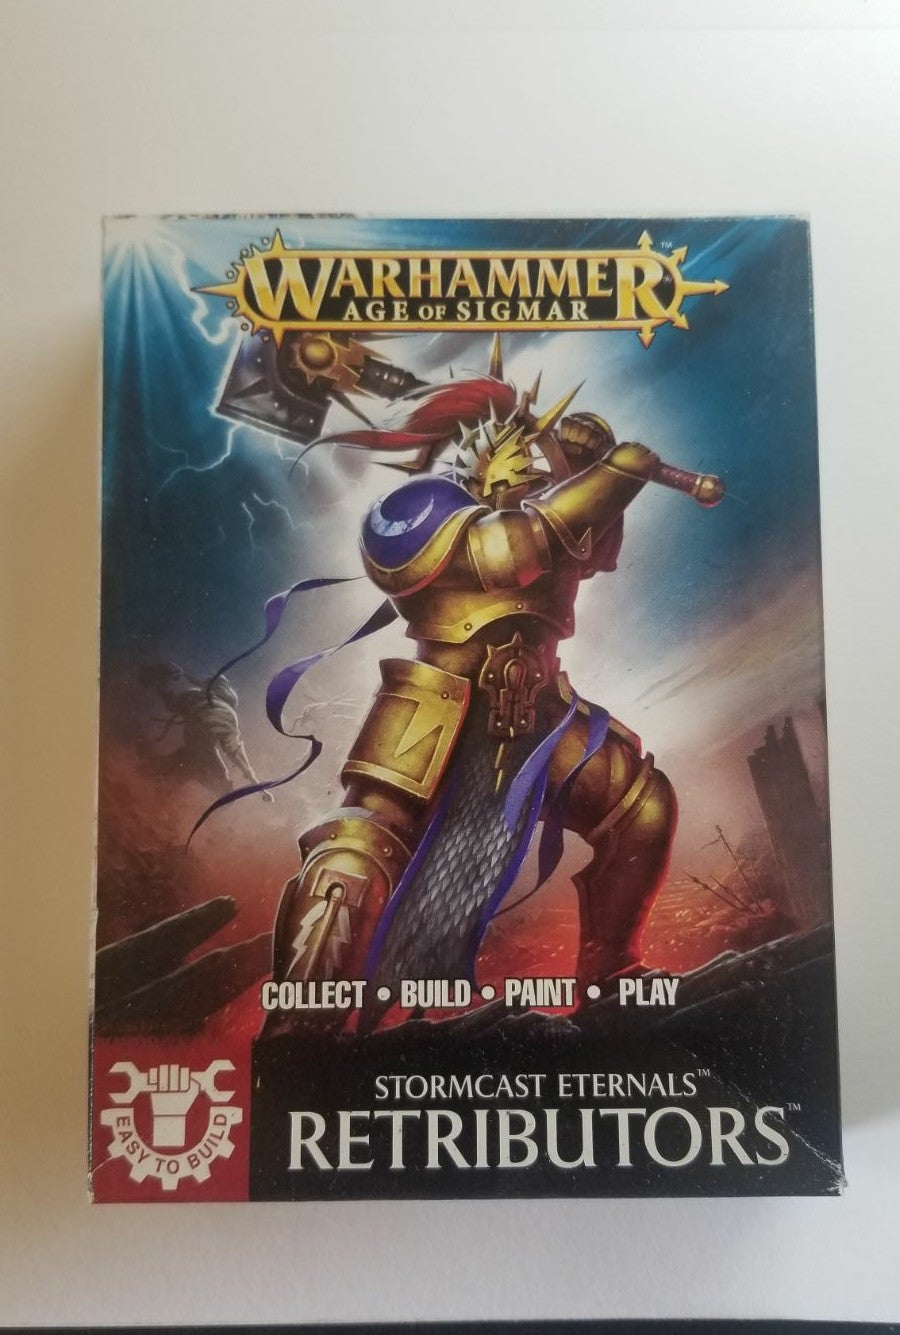 Warhammer Stormcast Eternals Retributors